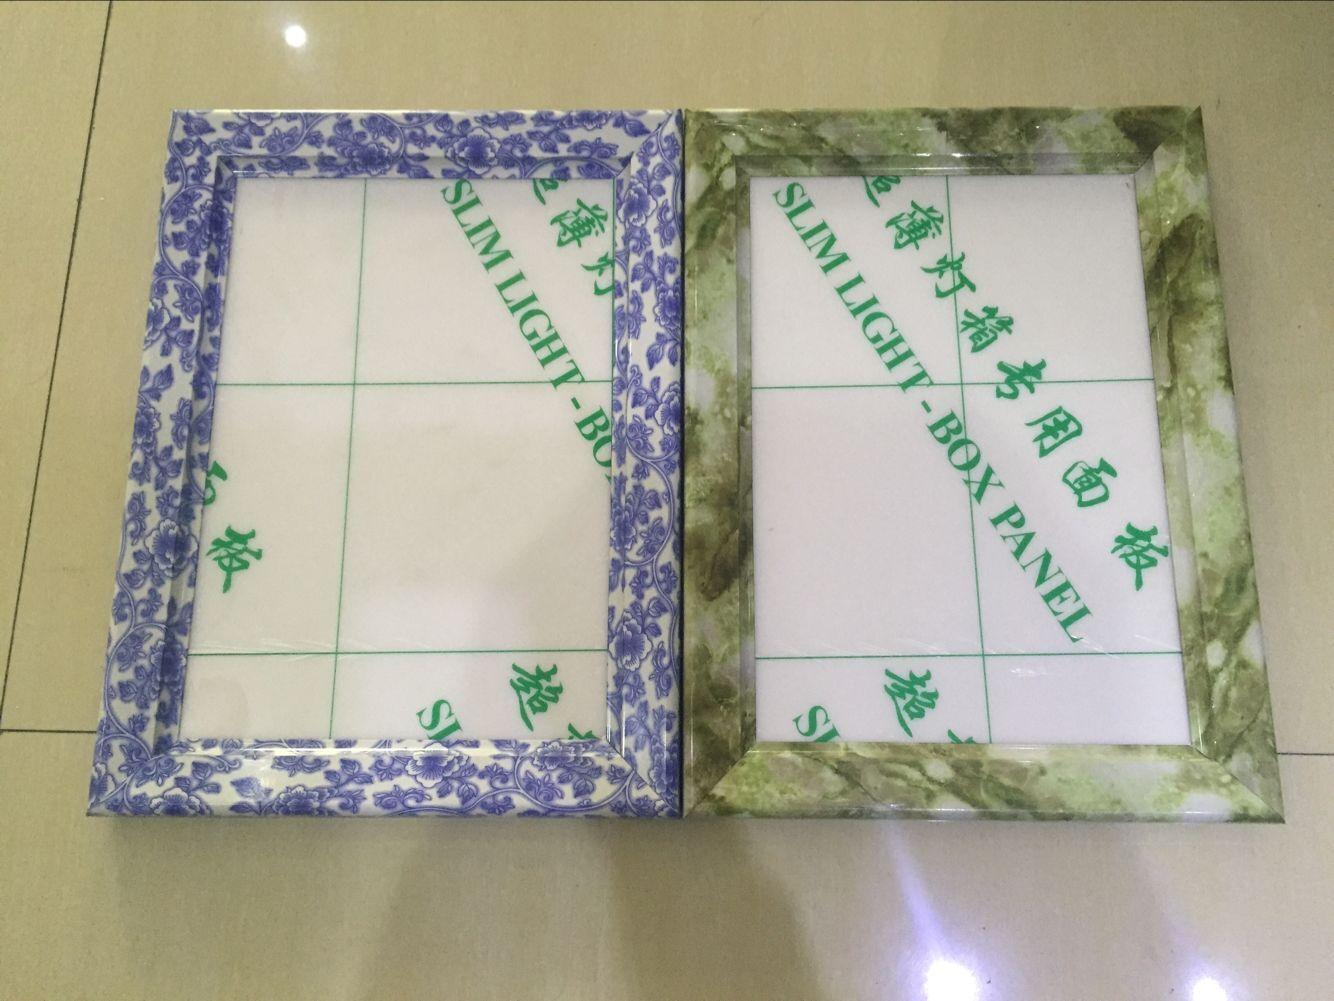 仿不锈钢色转角, 背板:kt板或pvc发泡板, 面板:ps透明有机板 边框宽度